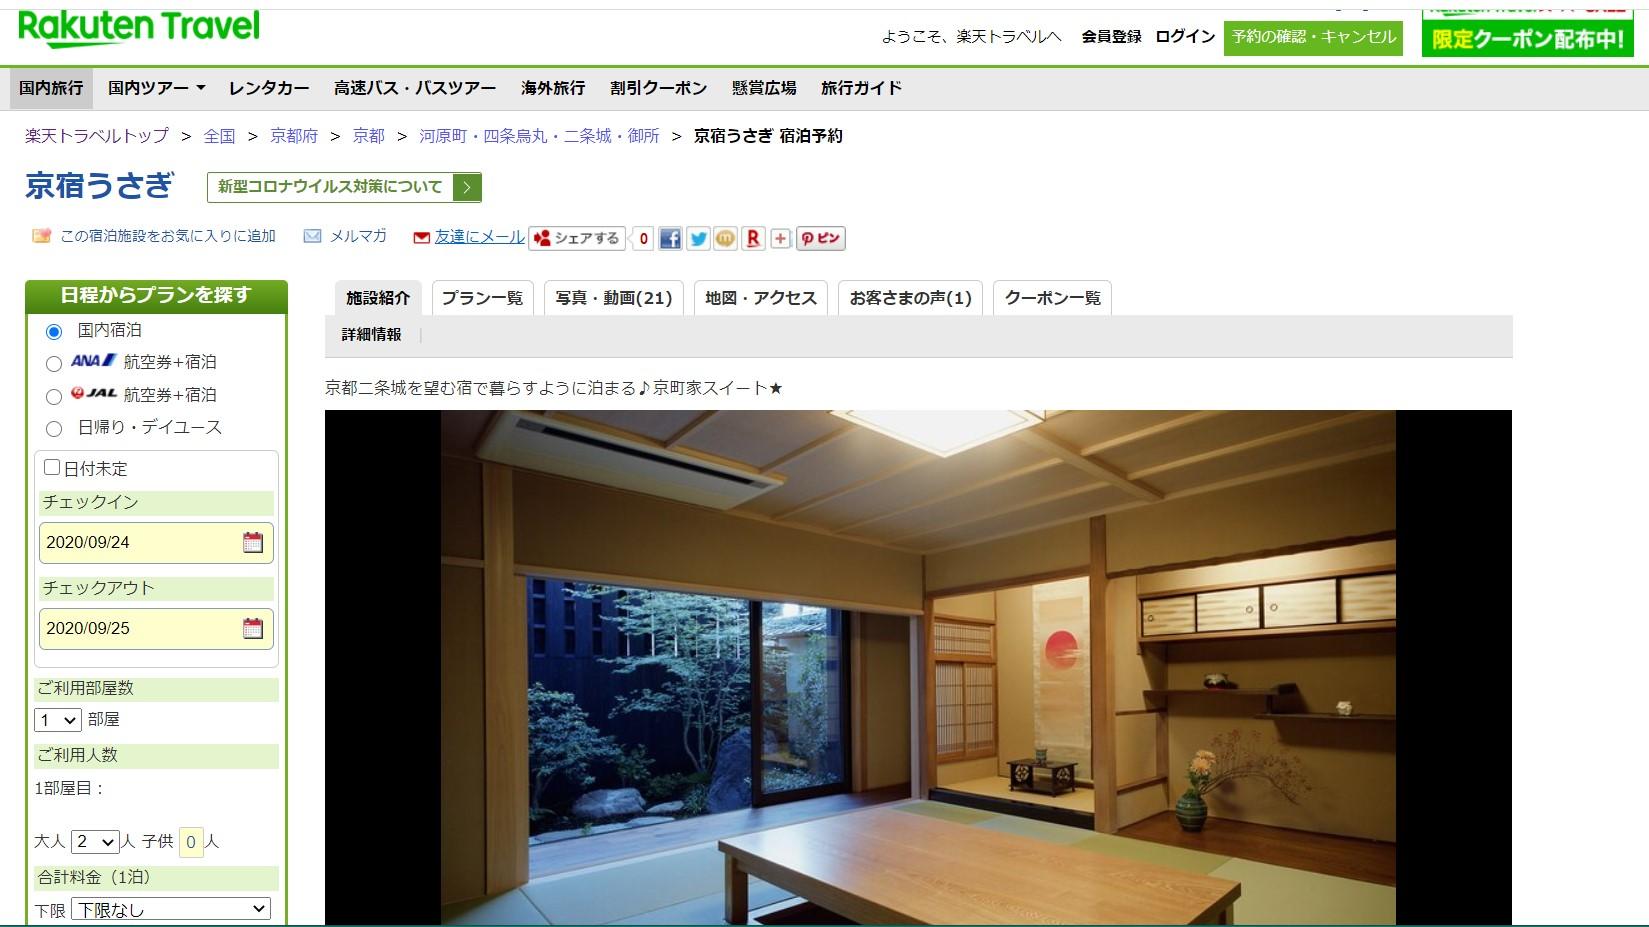 https://www.usagi-yado.com/blog/assets_c/%E6%A5%BD%E5%A4%A9%E3%81%86%E3%81%95%E3%81%8E.jpg